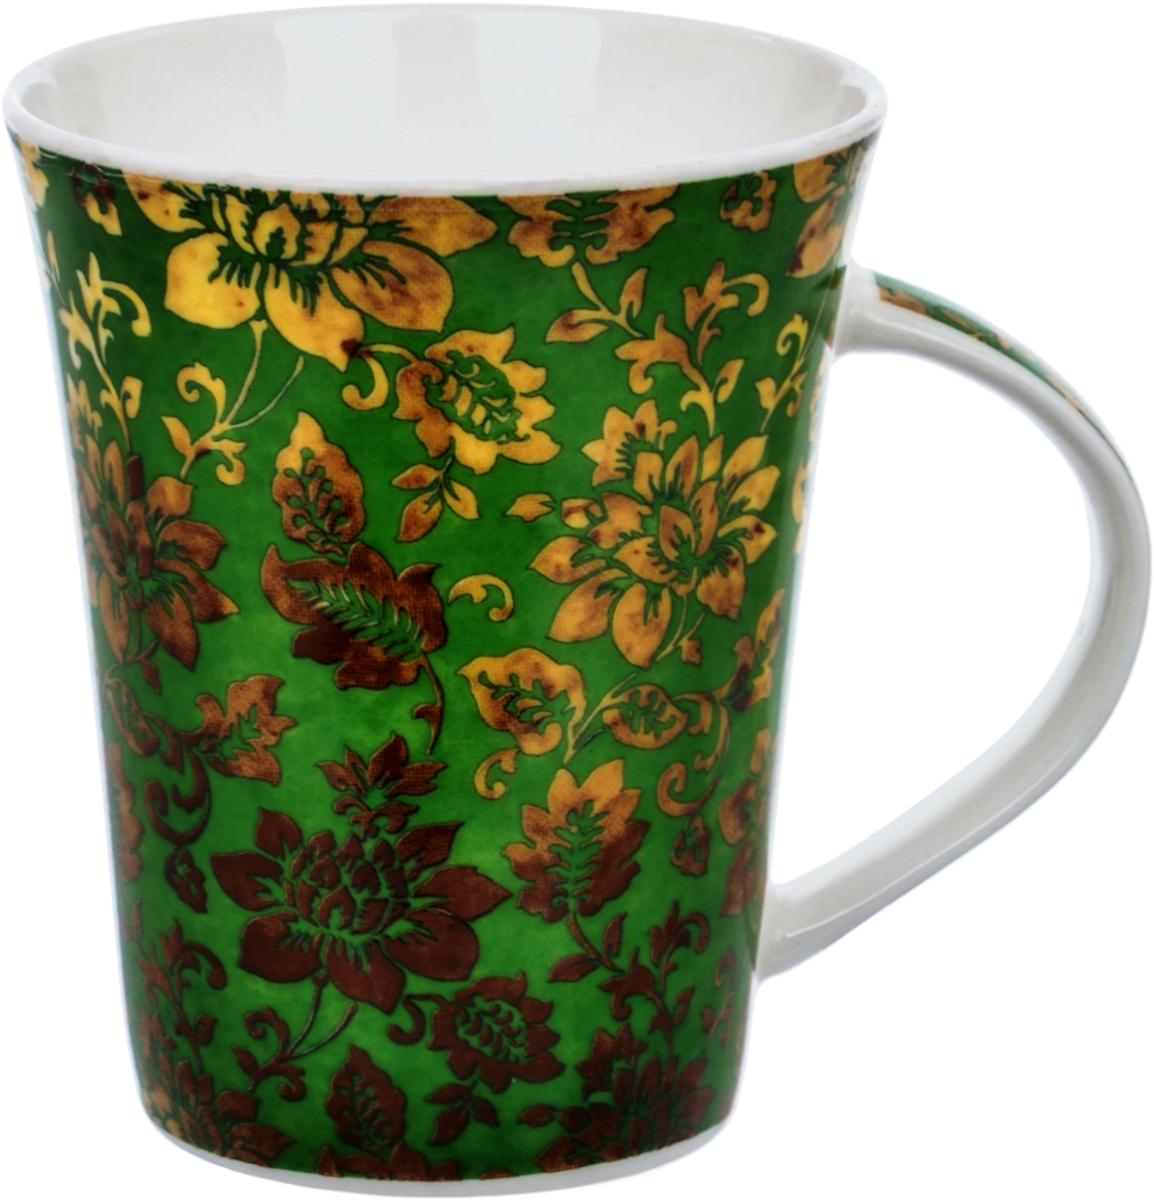 Кружка Liling Quanhu Восточный орнамент, цвет: зеленый, 380 мл кружка liling quanhu букет дизайн 1 380 мл